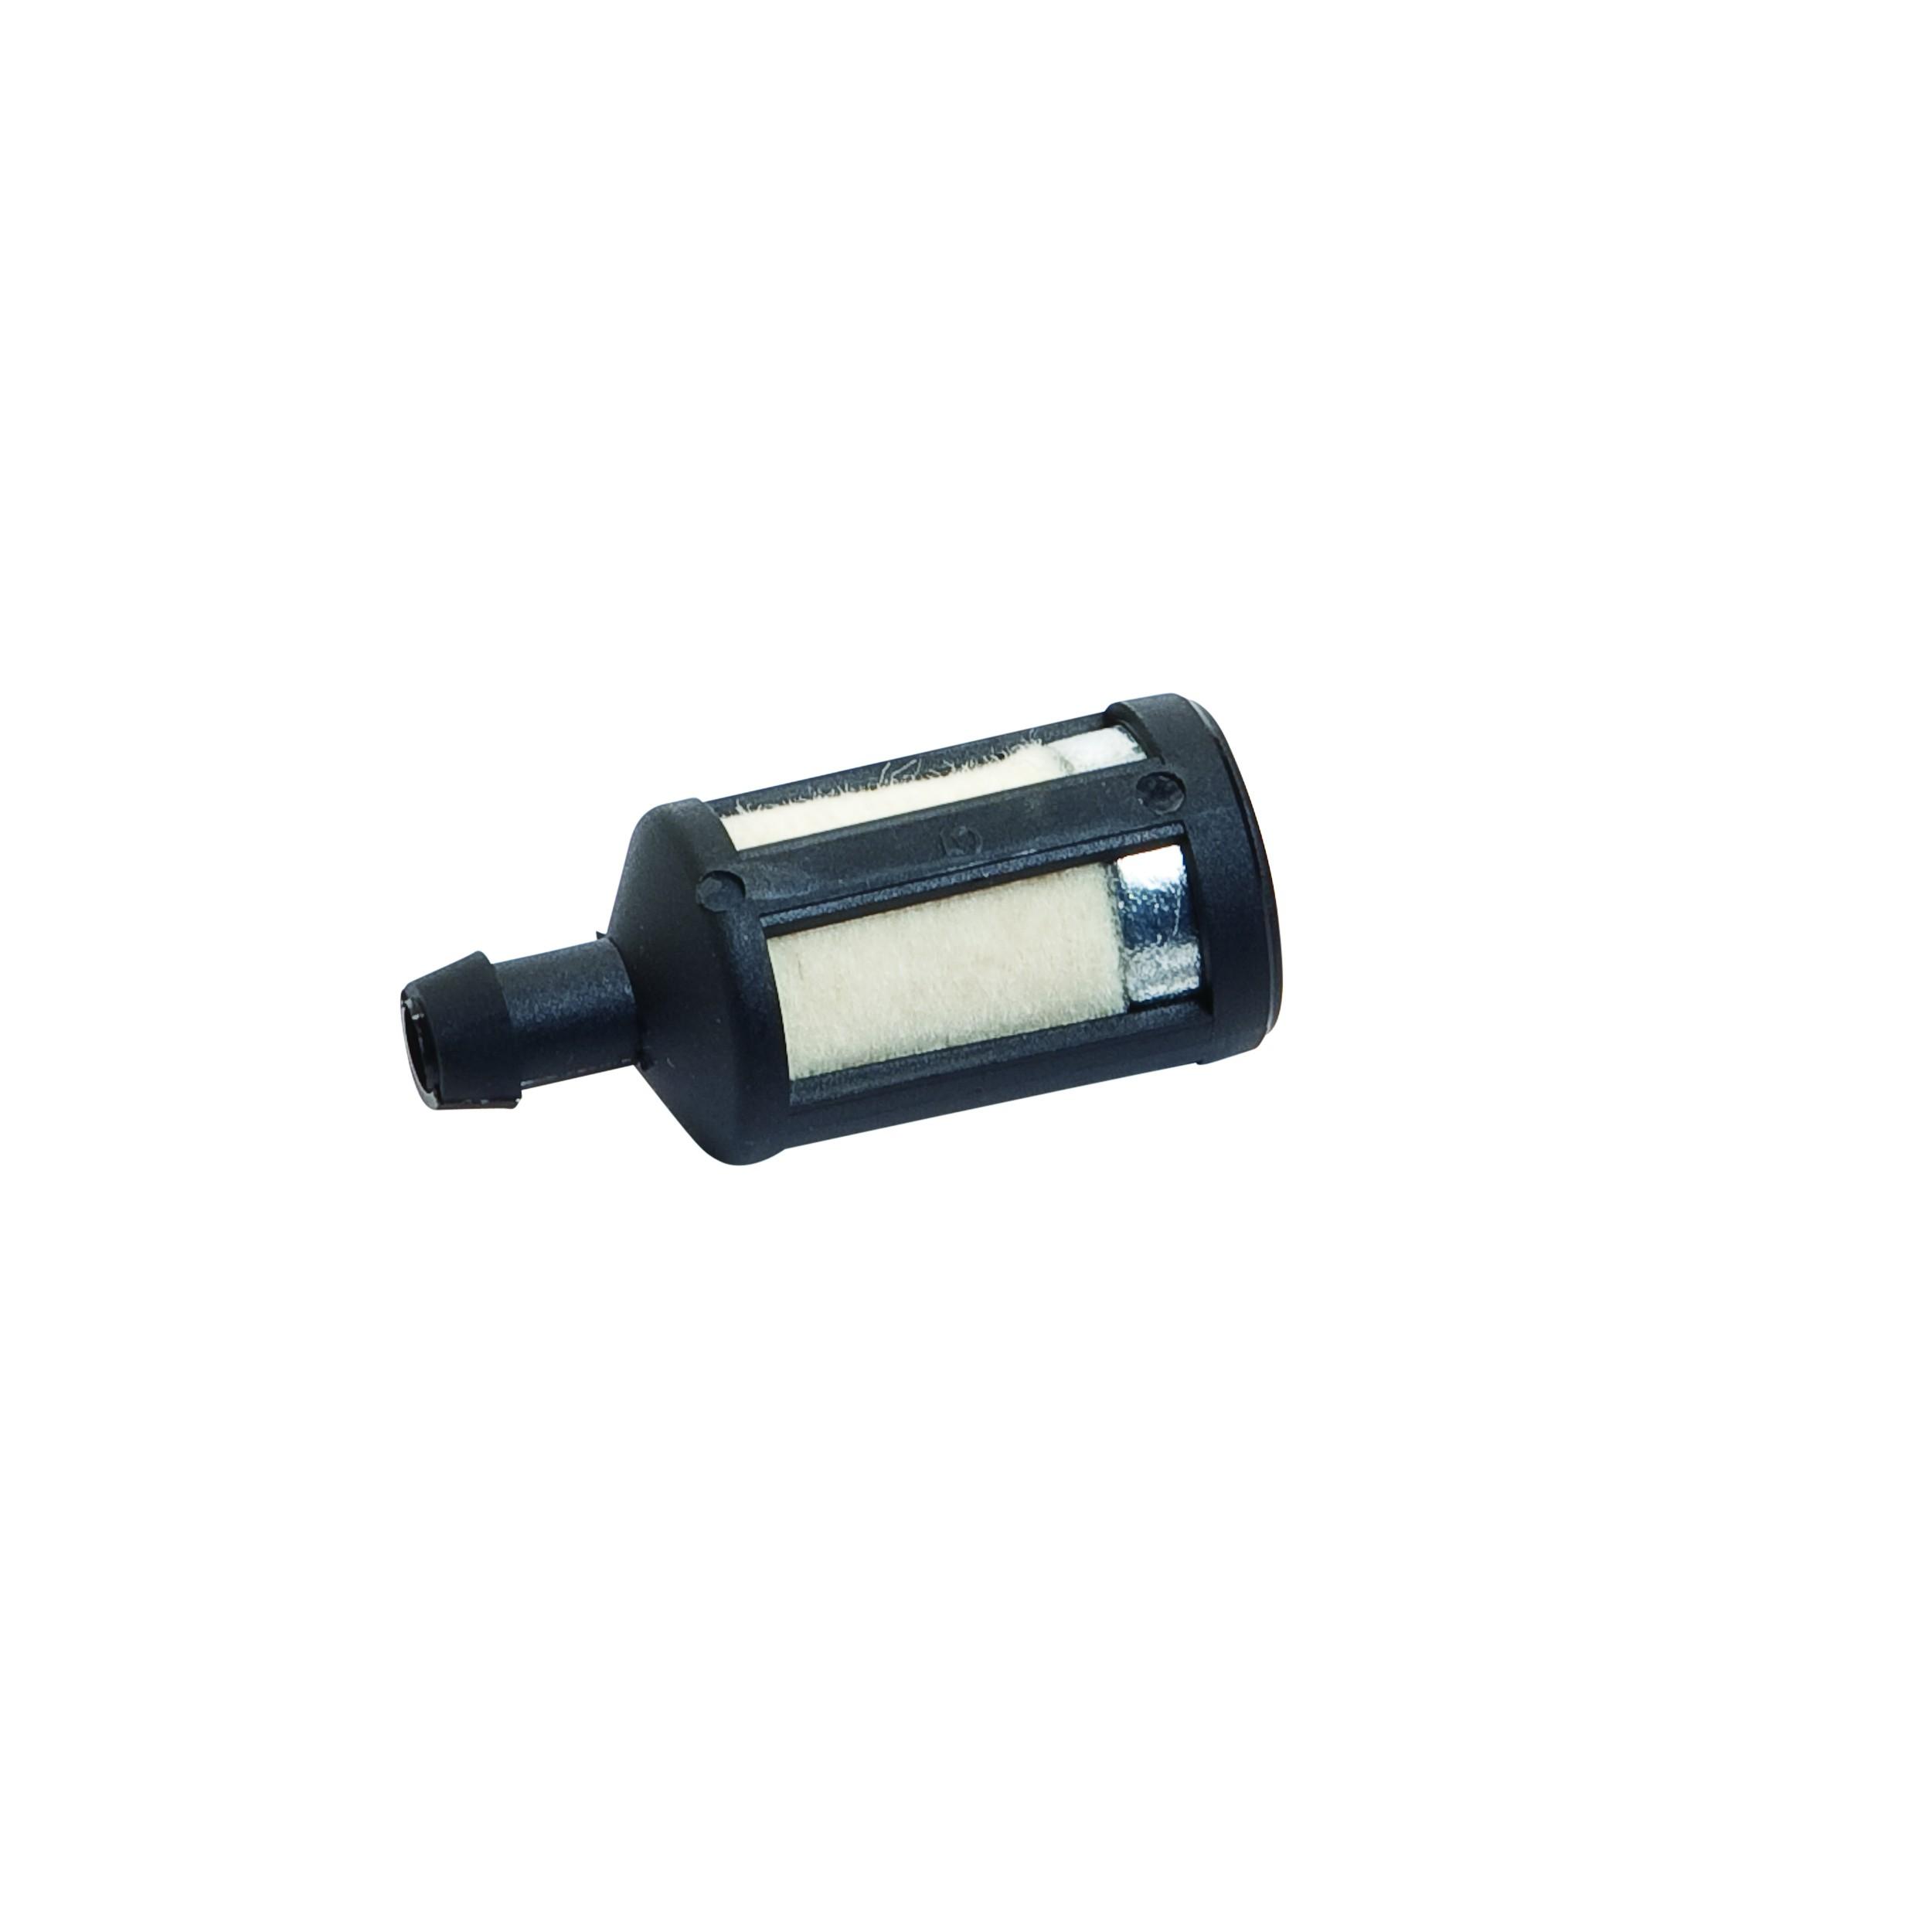 Palivový filtr (typ ZAMA ZF-5) průměr 6,35mm